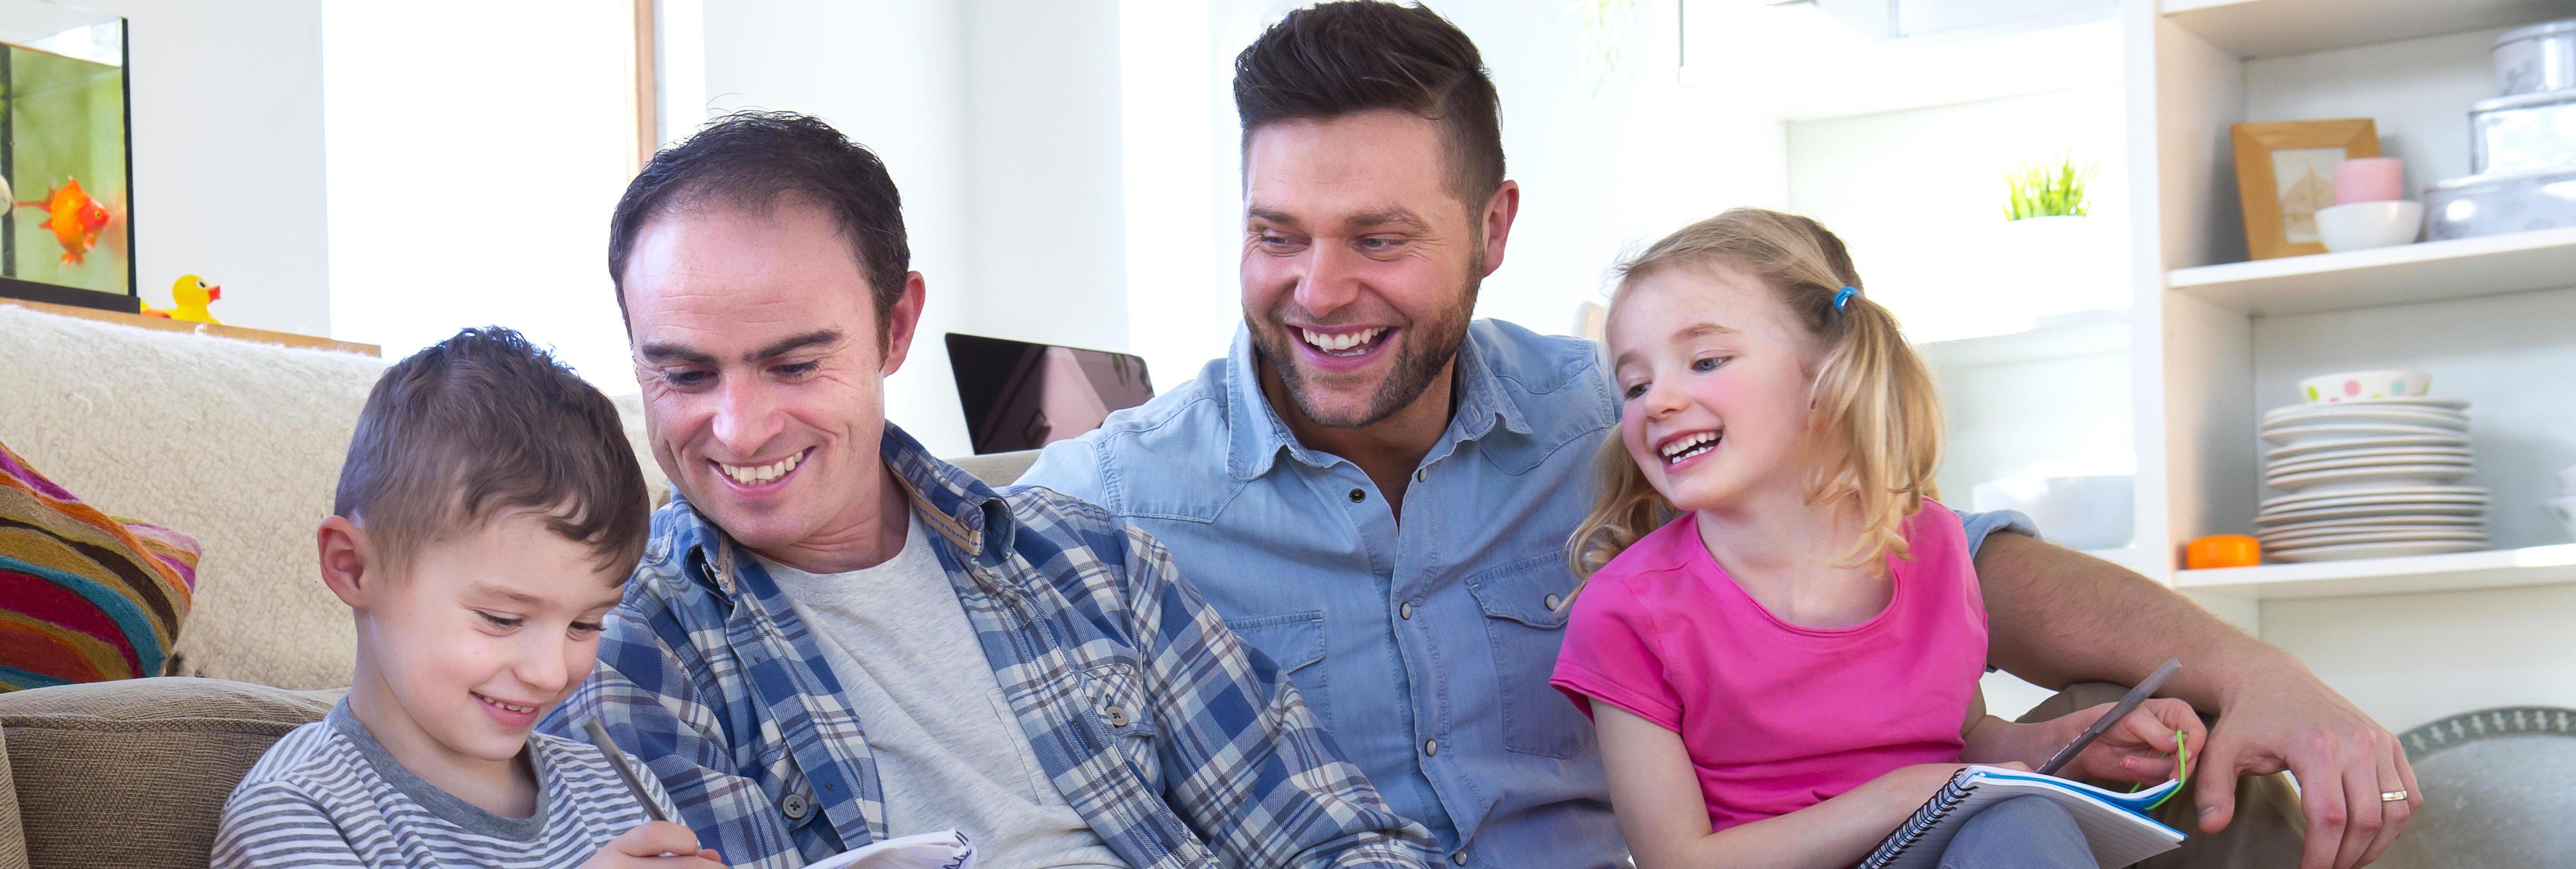 Asociación de Familias LGTBI pide a los colegios no celebrar el Día del Padre y la Madre